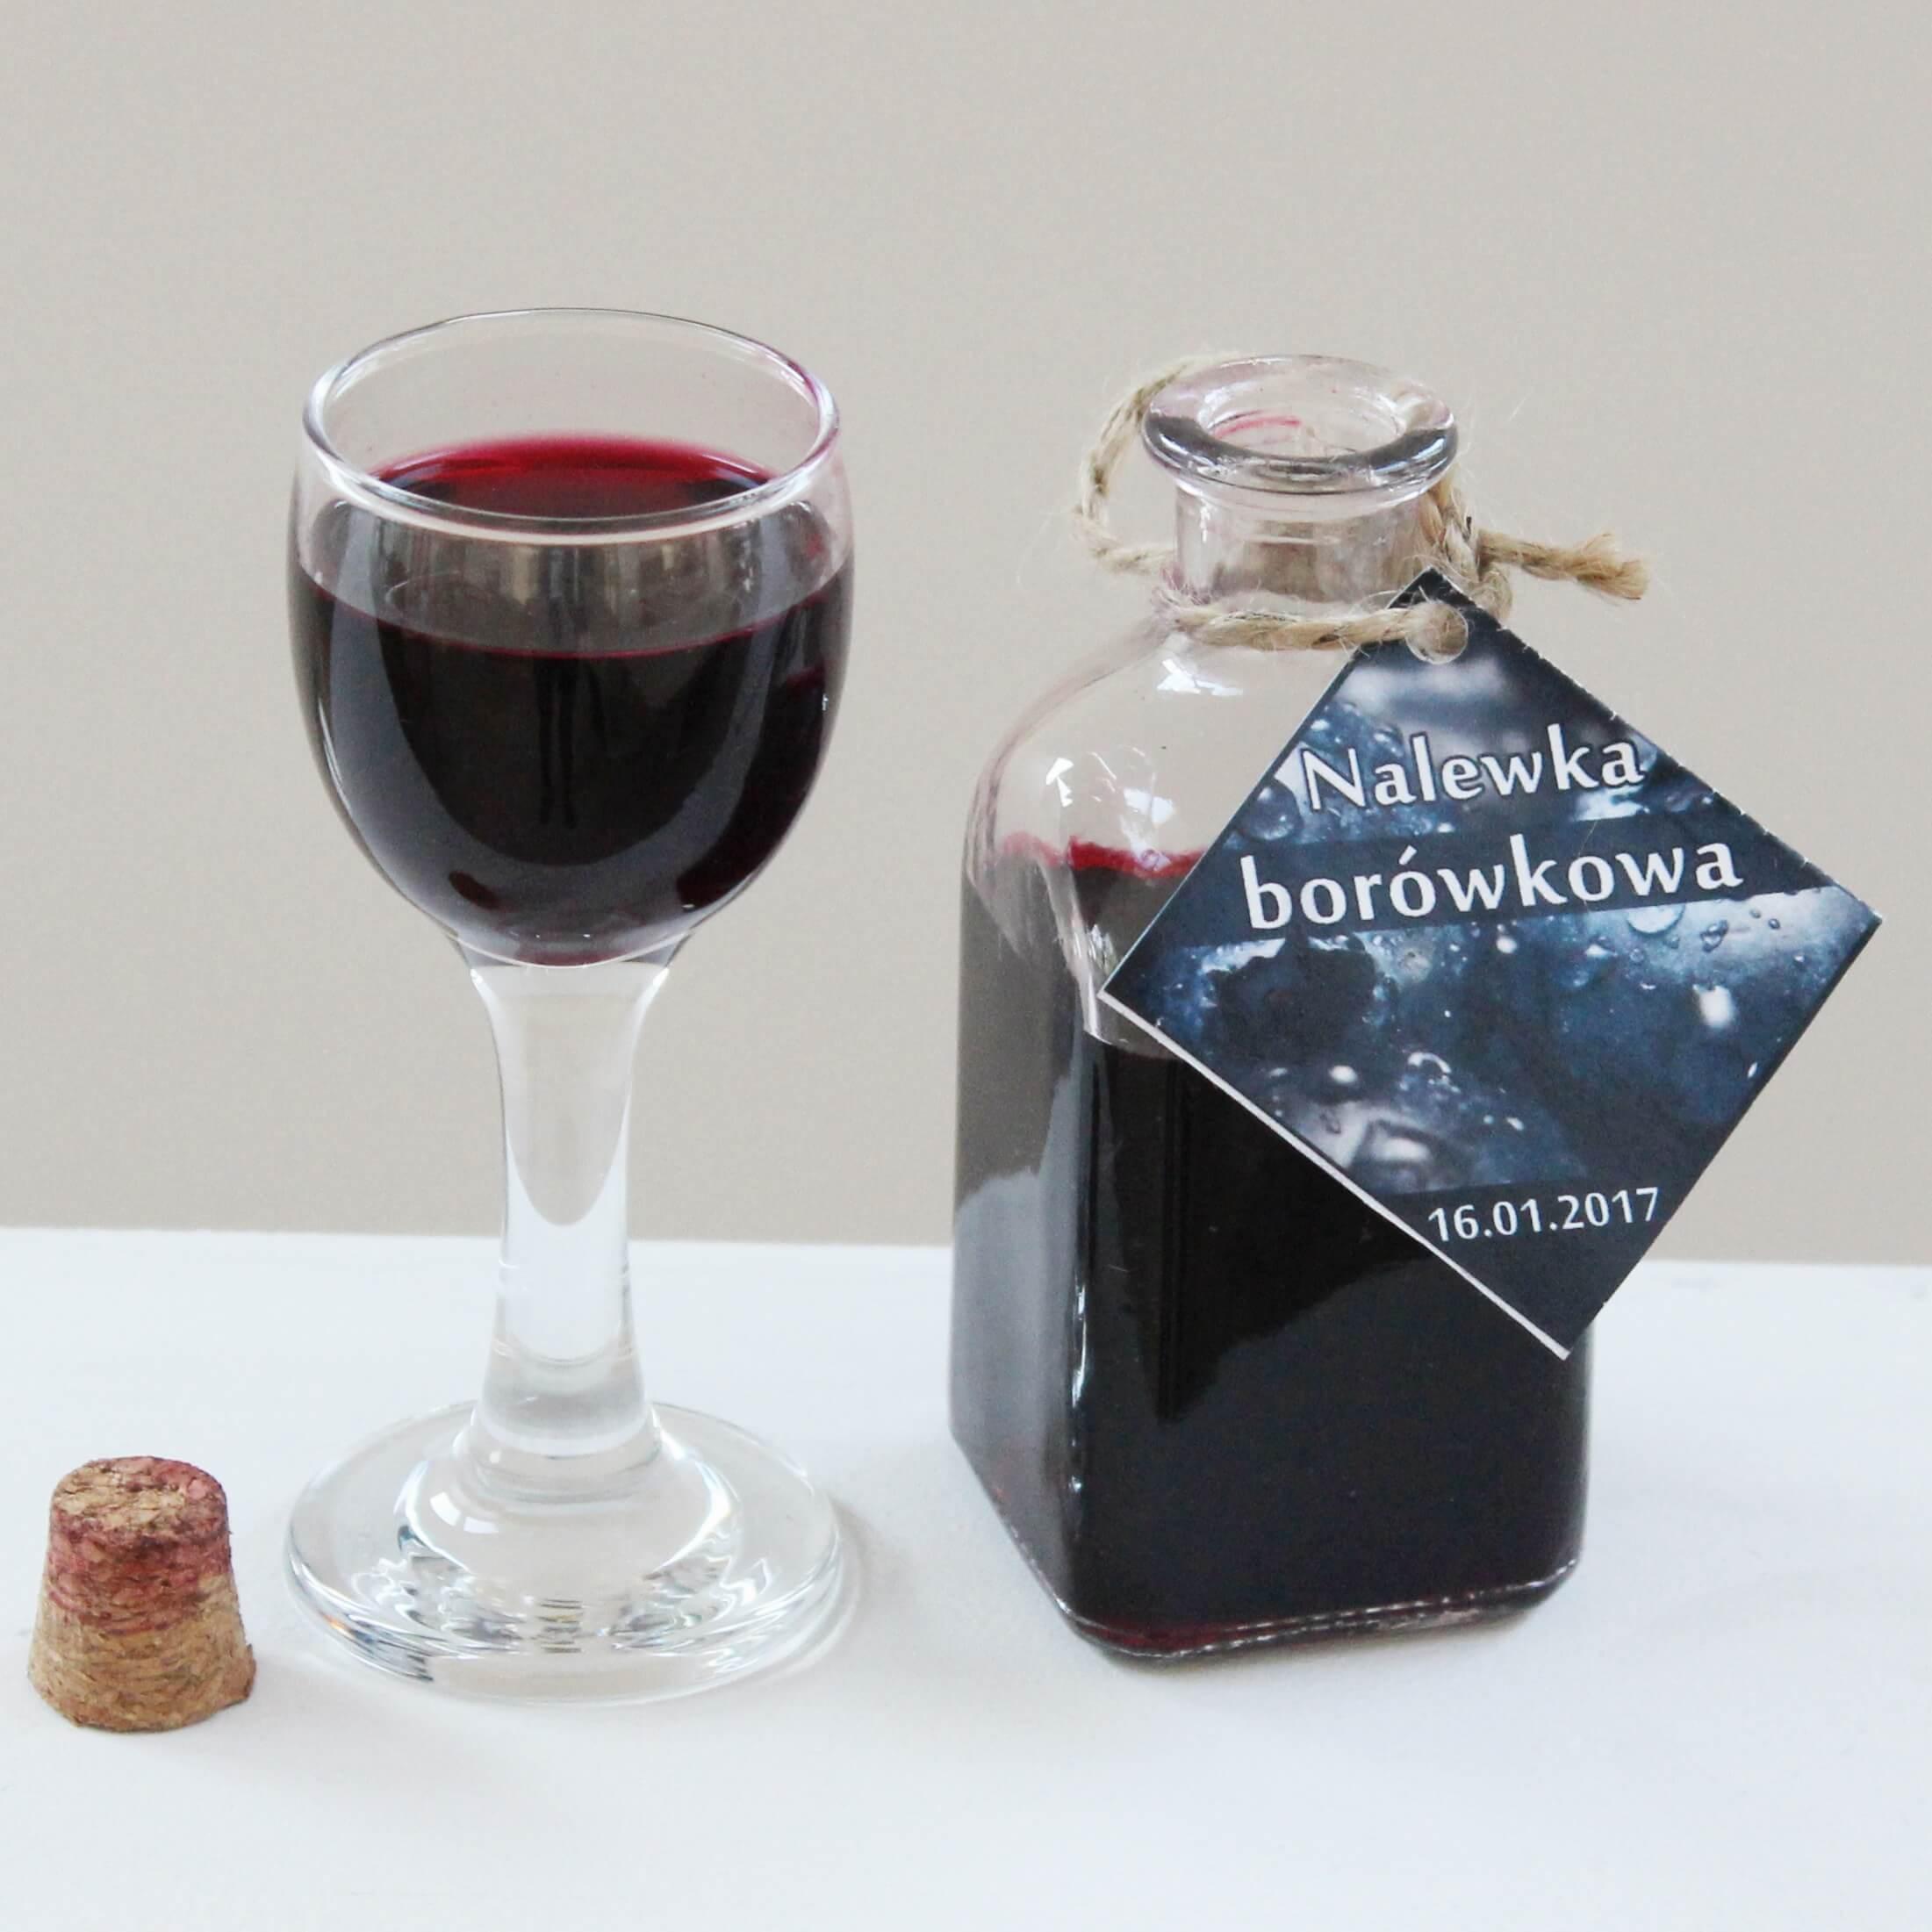 Nalewka z mrożonych jagód została rozlana do butelek na korek. Kliknij w obrazek, aby obejrzeć całą kolekcję naszych butelek na nalewki.